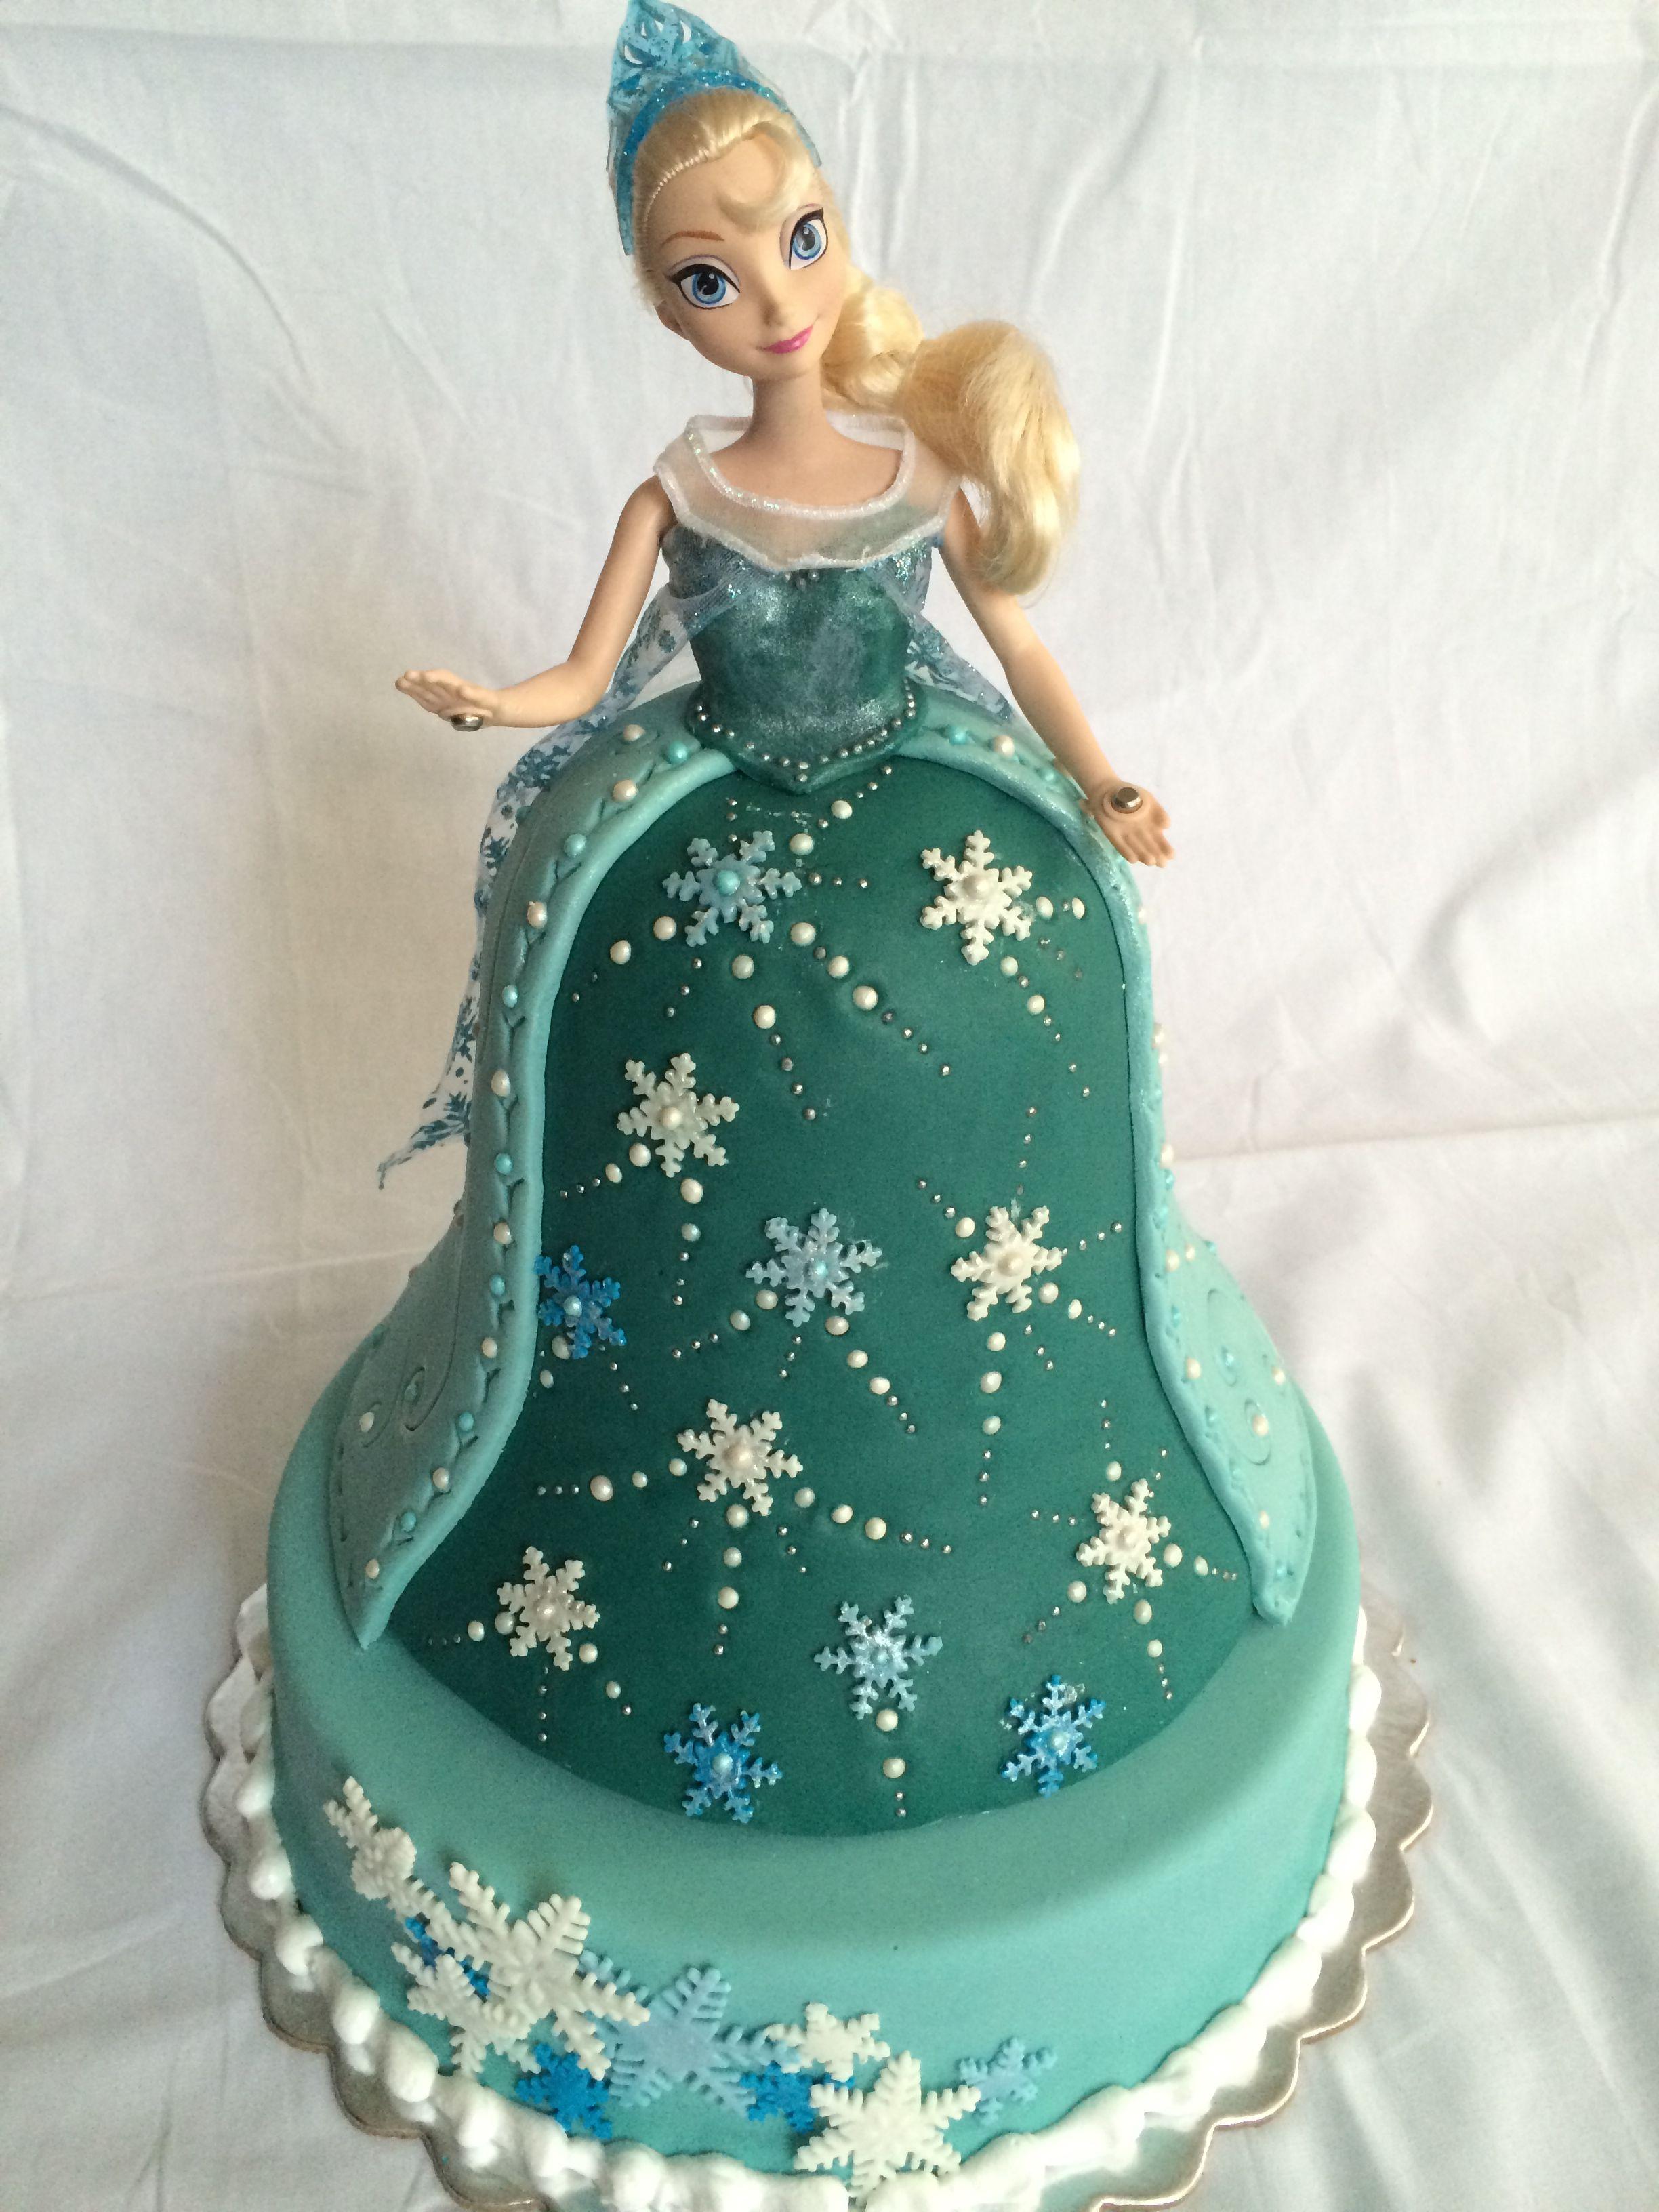 Elsa Cake de Mis Dulces Tentaciones Mary, Mary Atencio